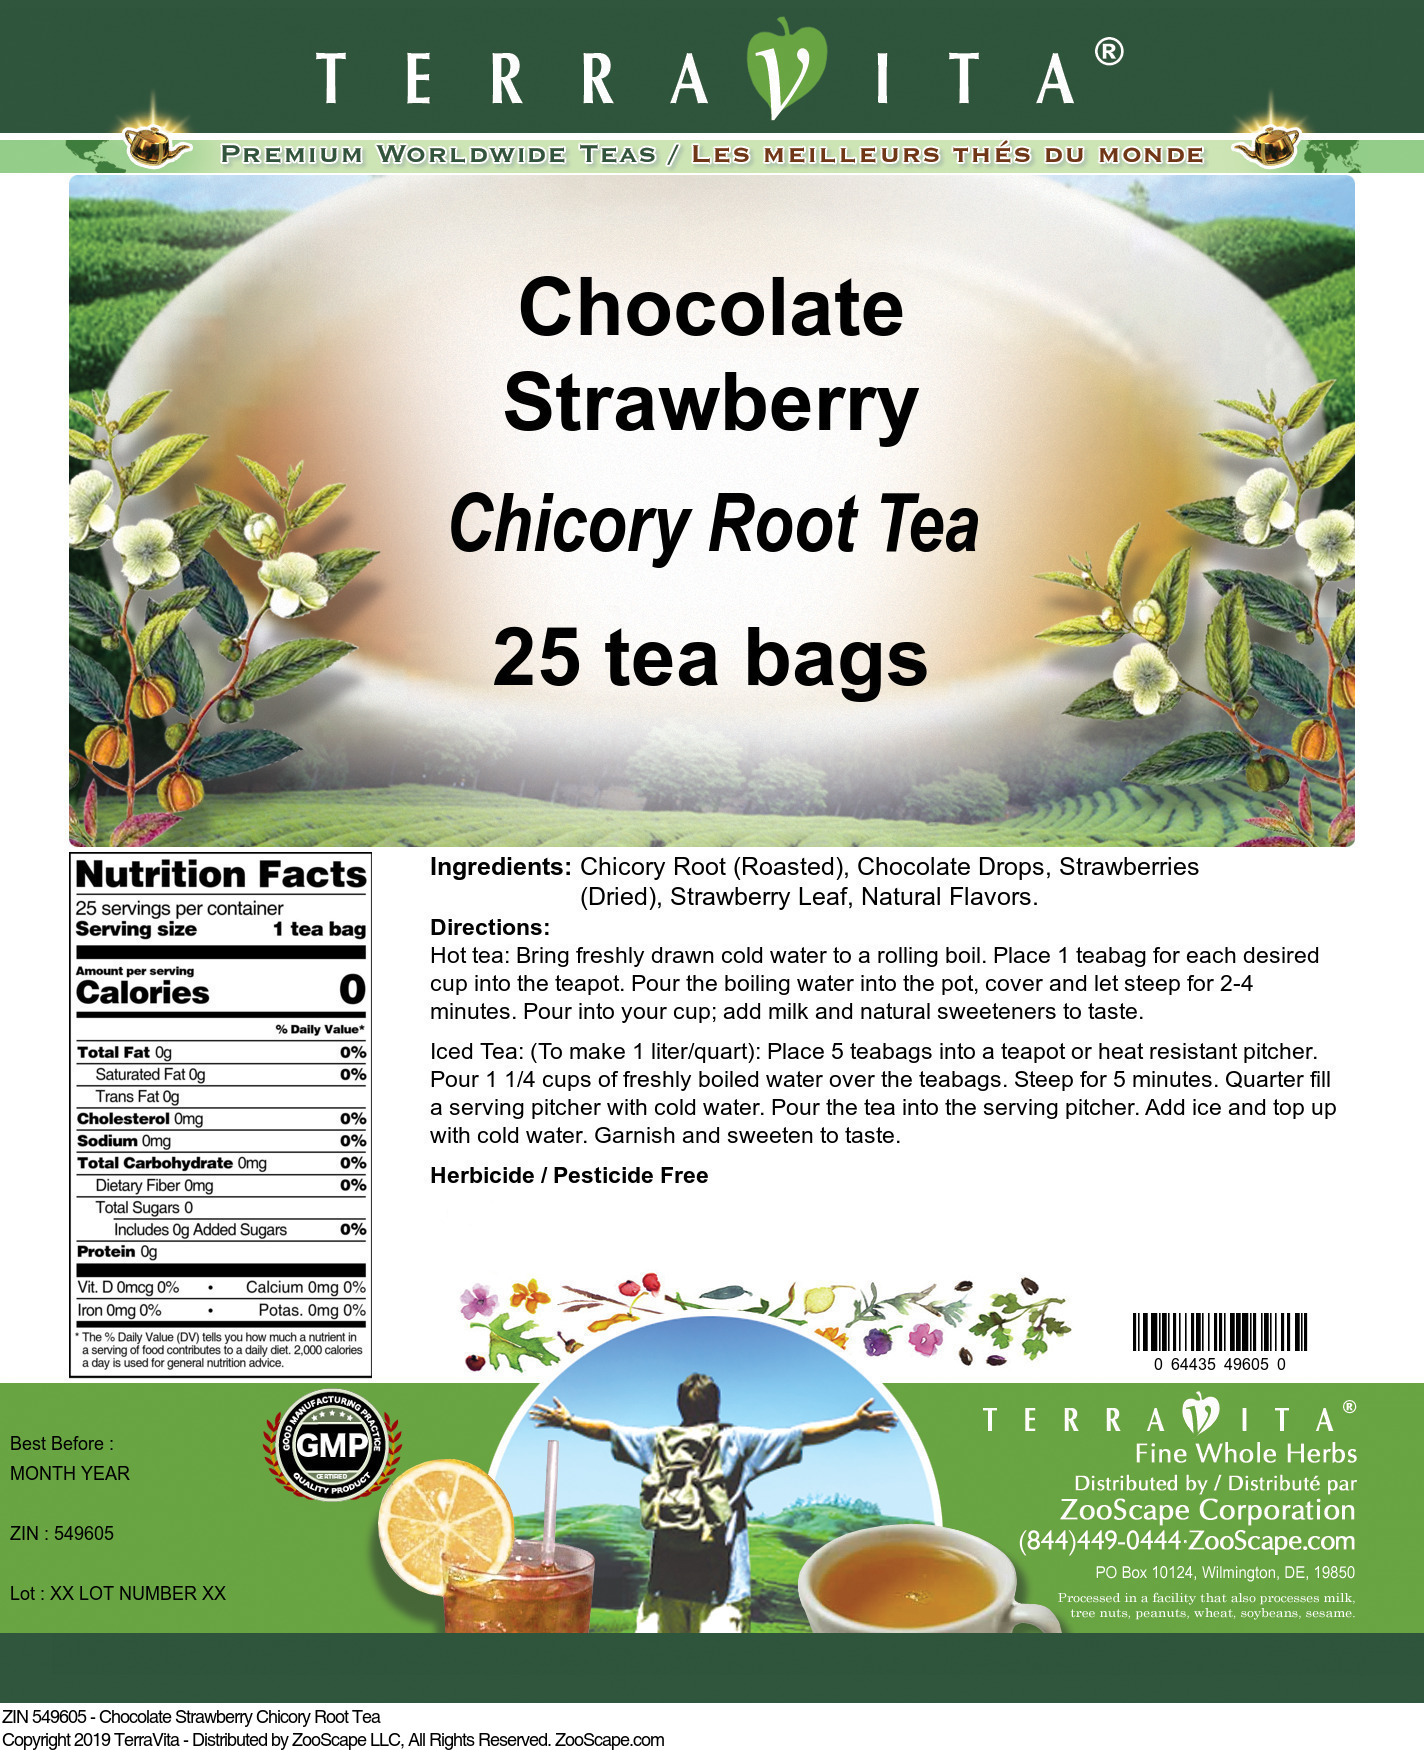 Chocolate Strawberry Chicory Root